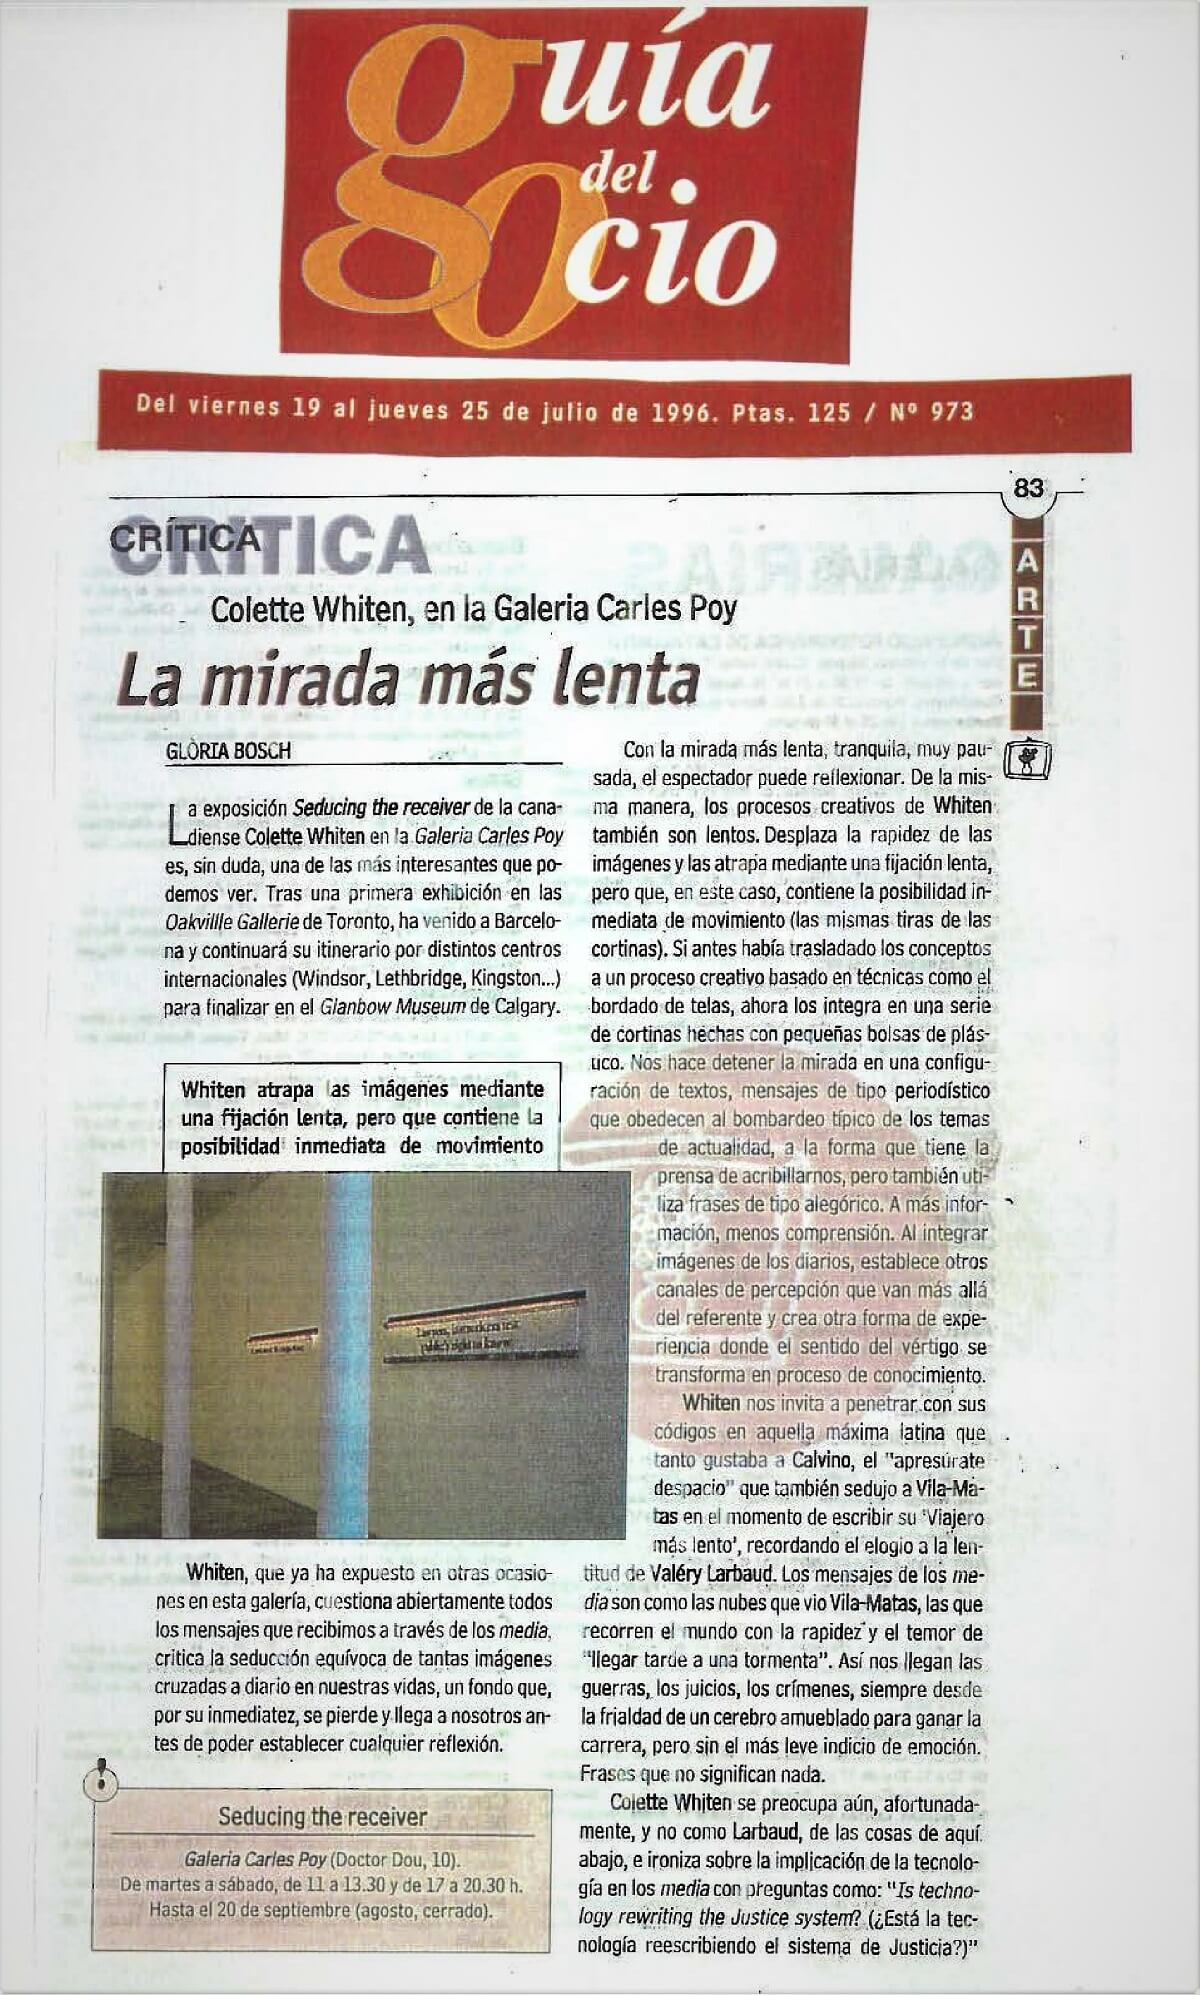 19_7_1996_GUIA-DEL-OCIO